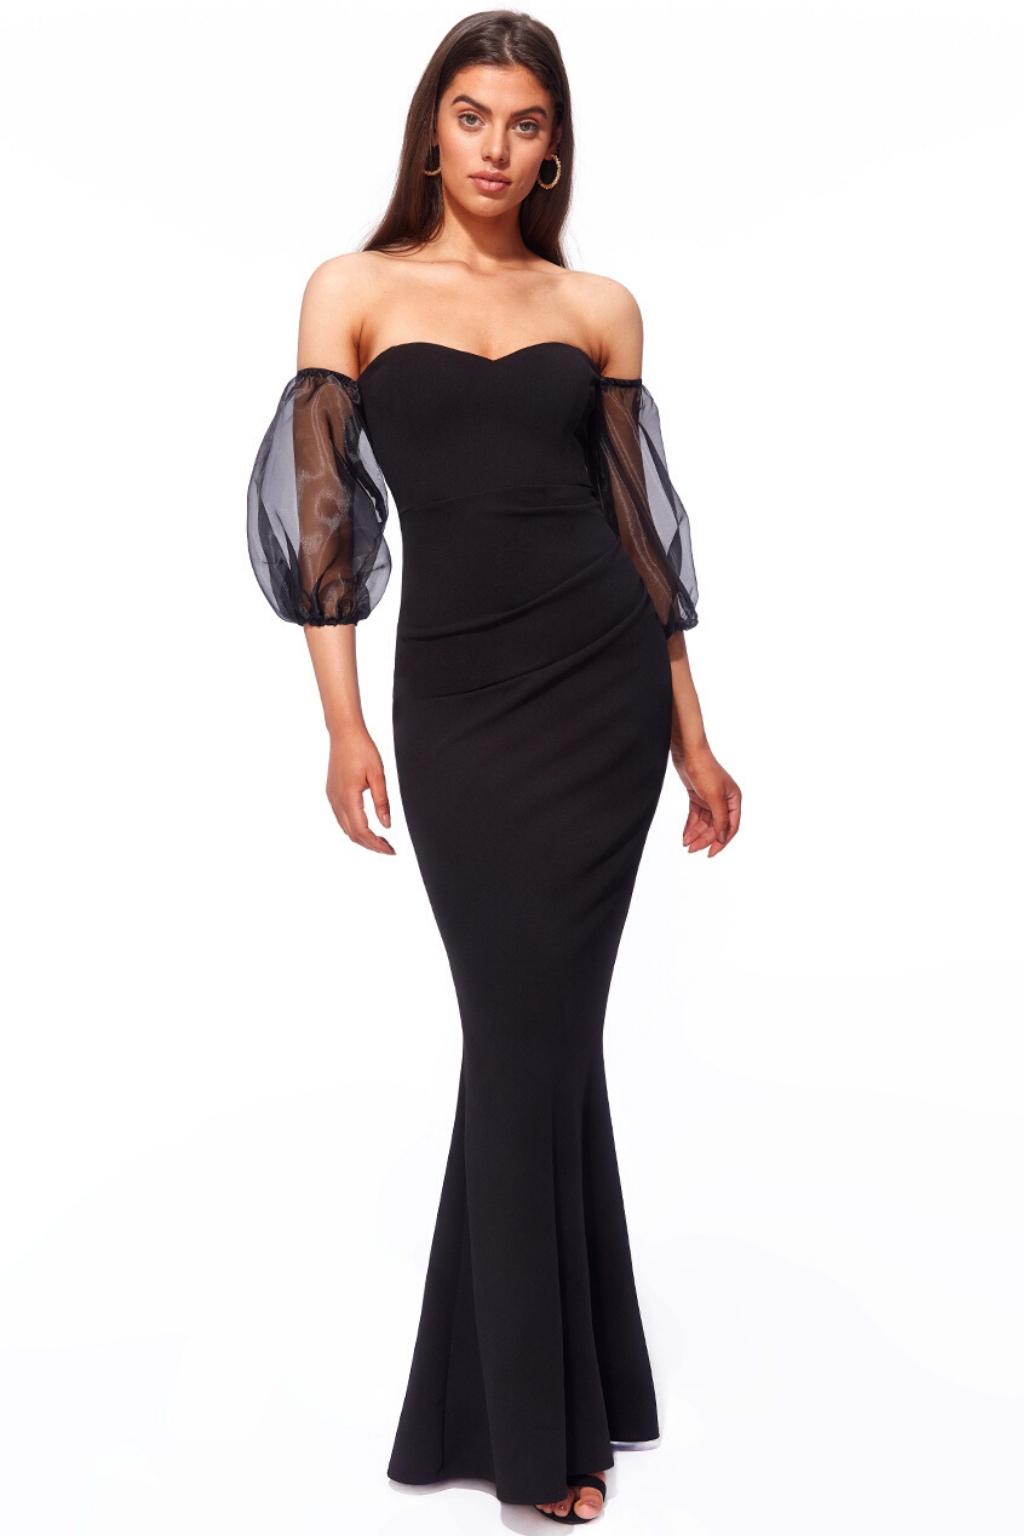 Čierne priliehavé spoločenské šaty s tylovými rukávmi Veľkosť: L